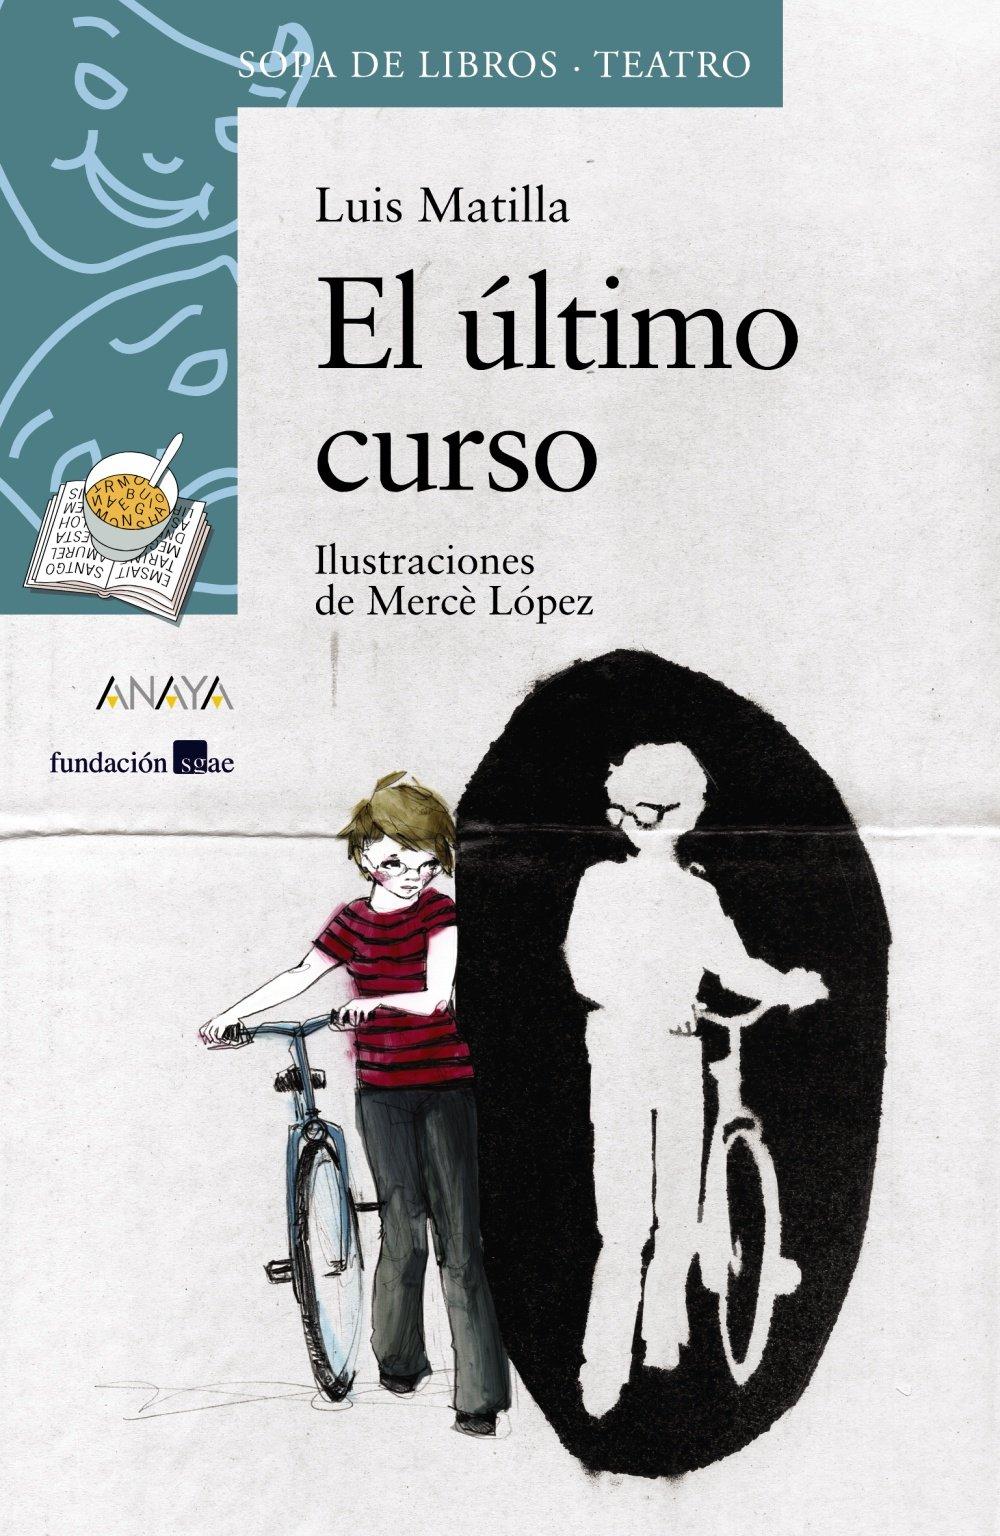 El último curso (Literatura Infantil (6-11 Años) - Sopa De Libros (Teatro)) Tapa blanda – 23 nov 2009 Luis Matilla Mercè López ANAYA INFANTIL Y JUVENIL 8466785043